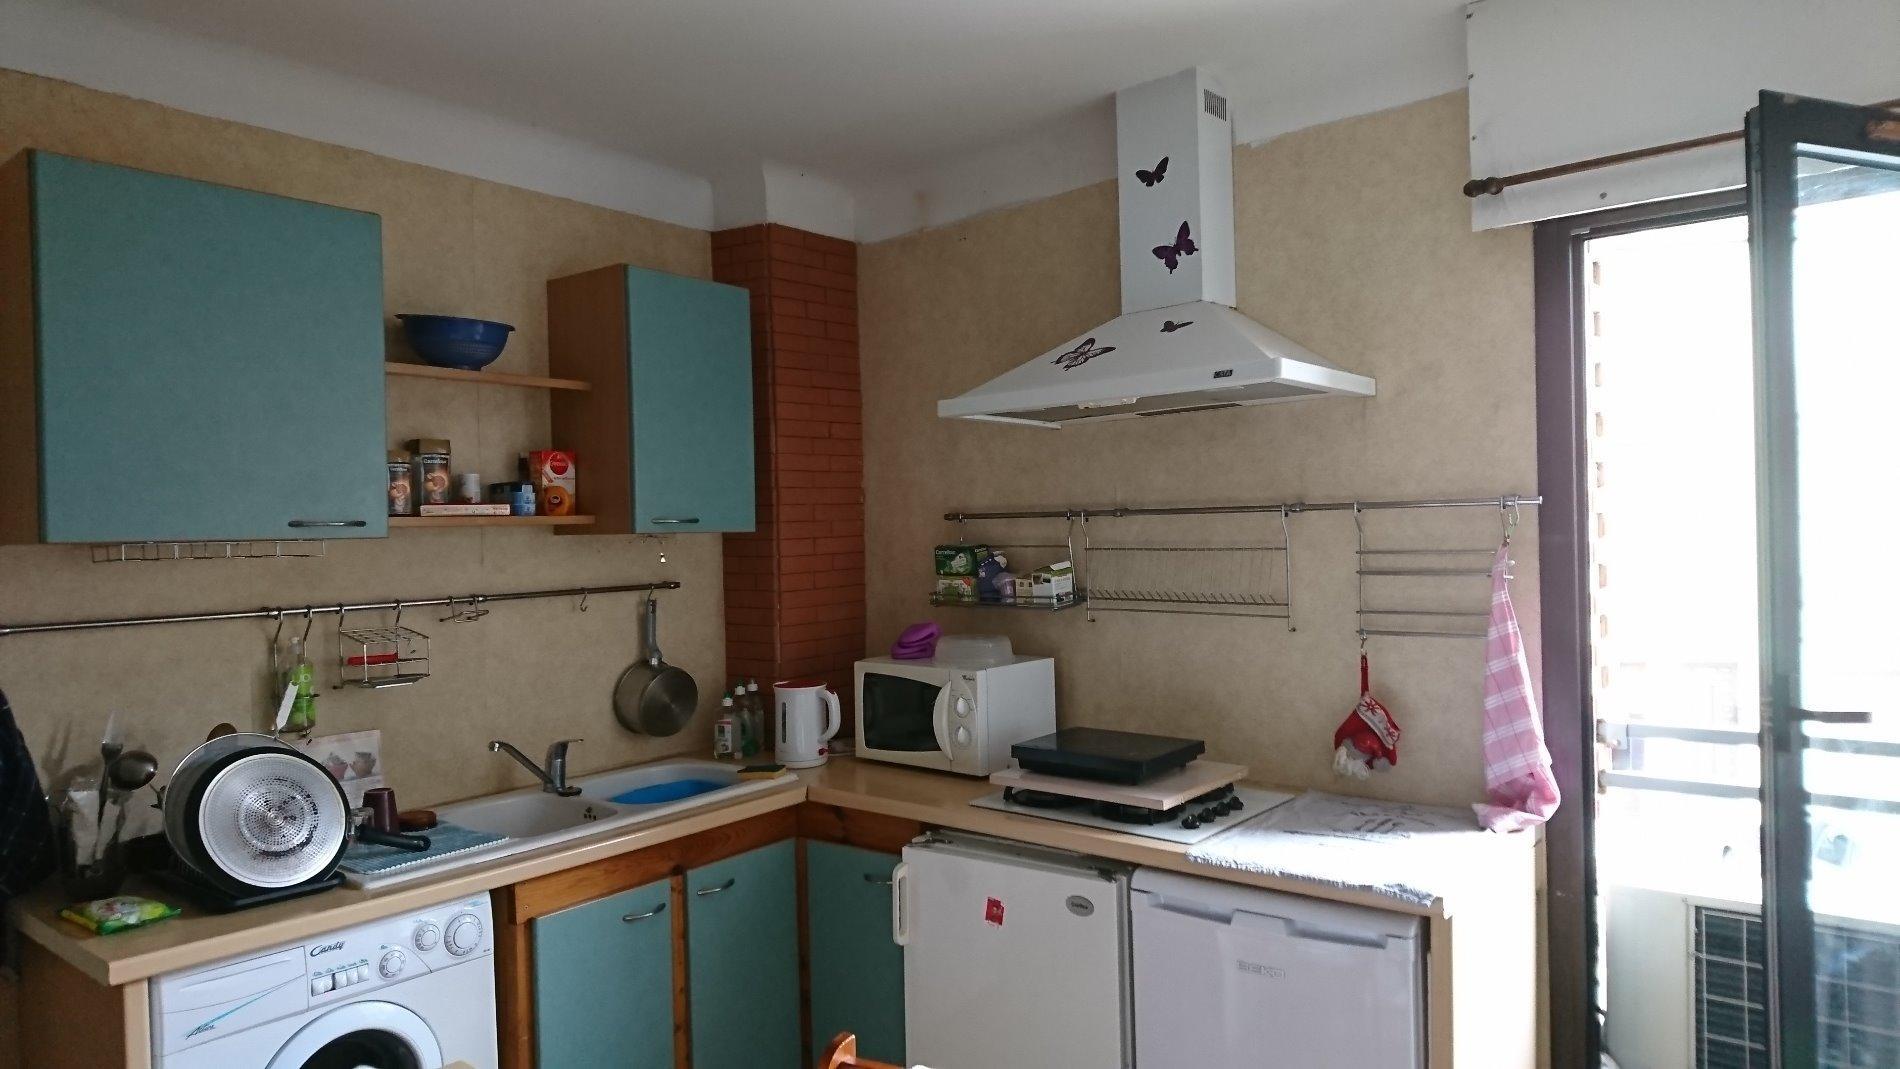 vente appartement argeles sur mer avec gontier immobilier. Black Bedroom Furniture Sets. Home Design Ideas